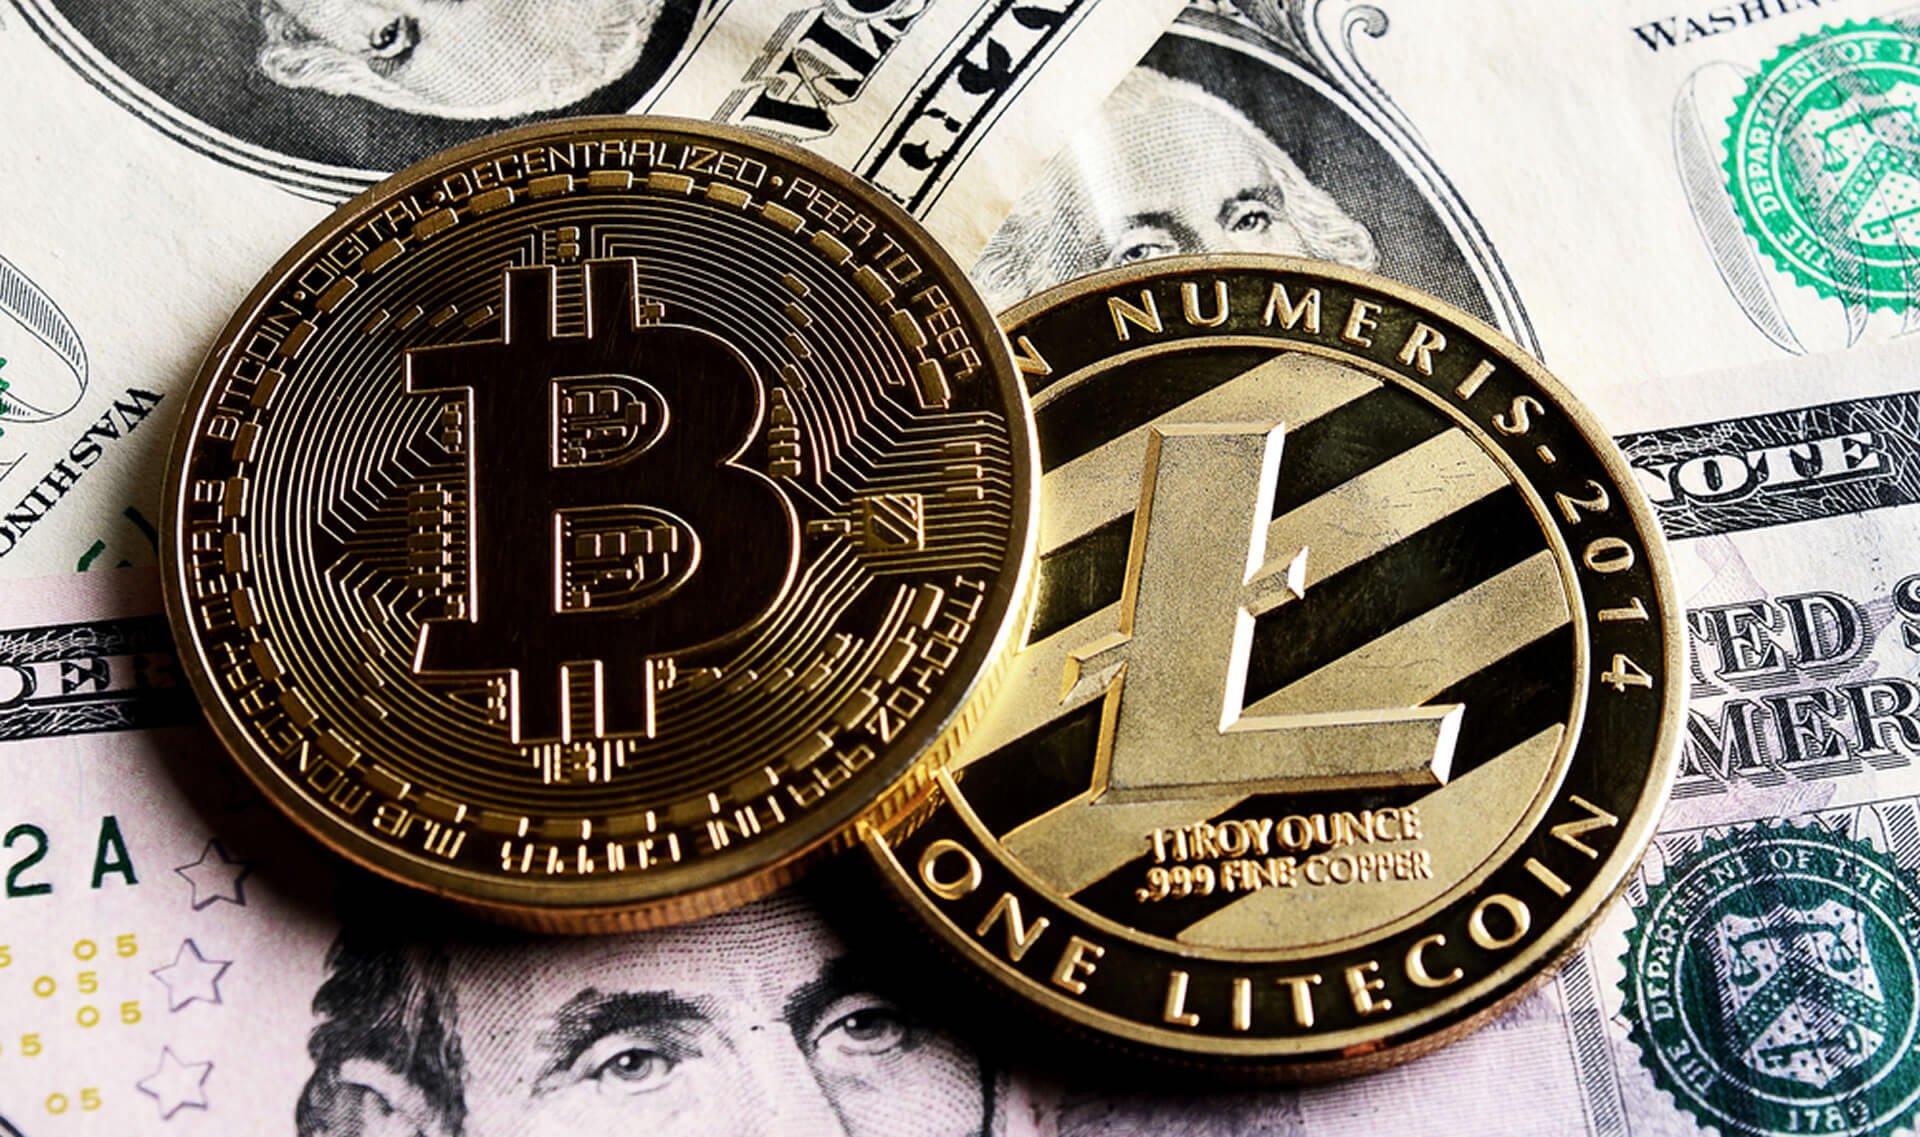 Bitcoin Ne Kadar Güvenli? Yatırım Yapılır mı? 1 - Bitcoin Güvenlik